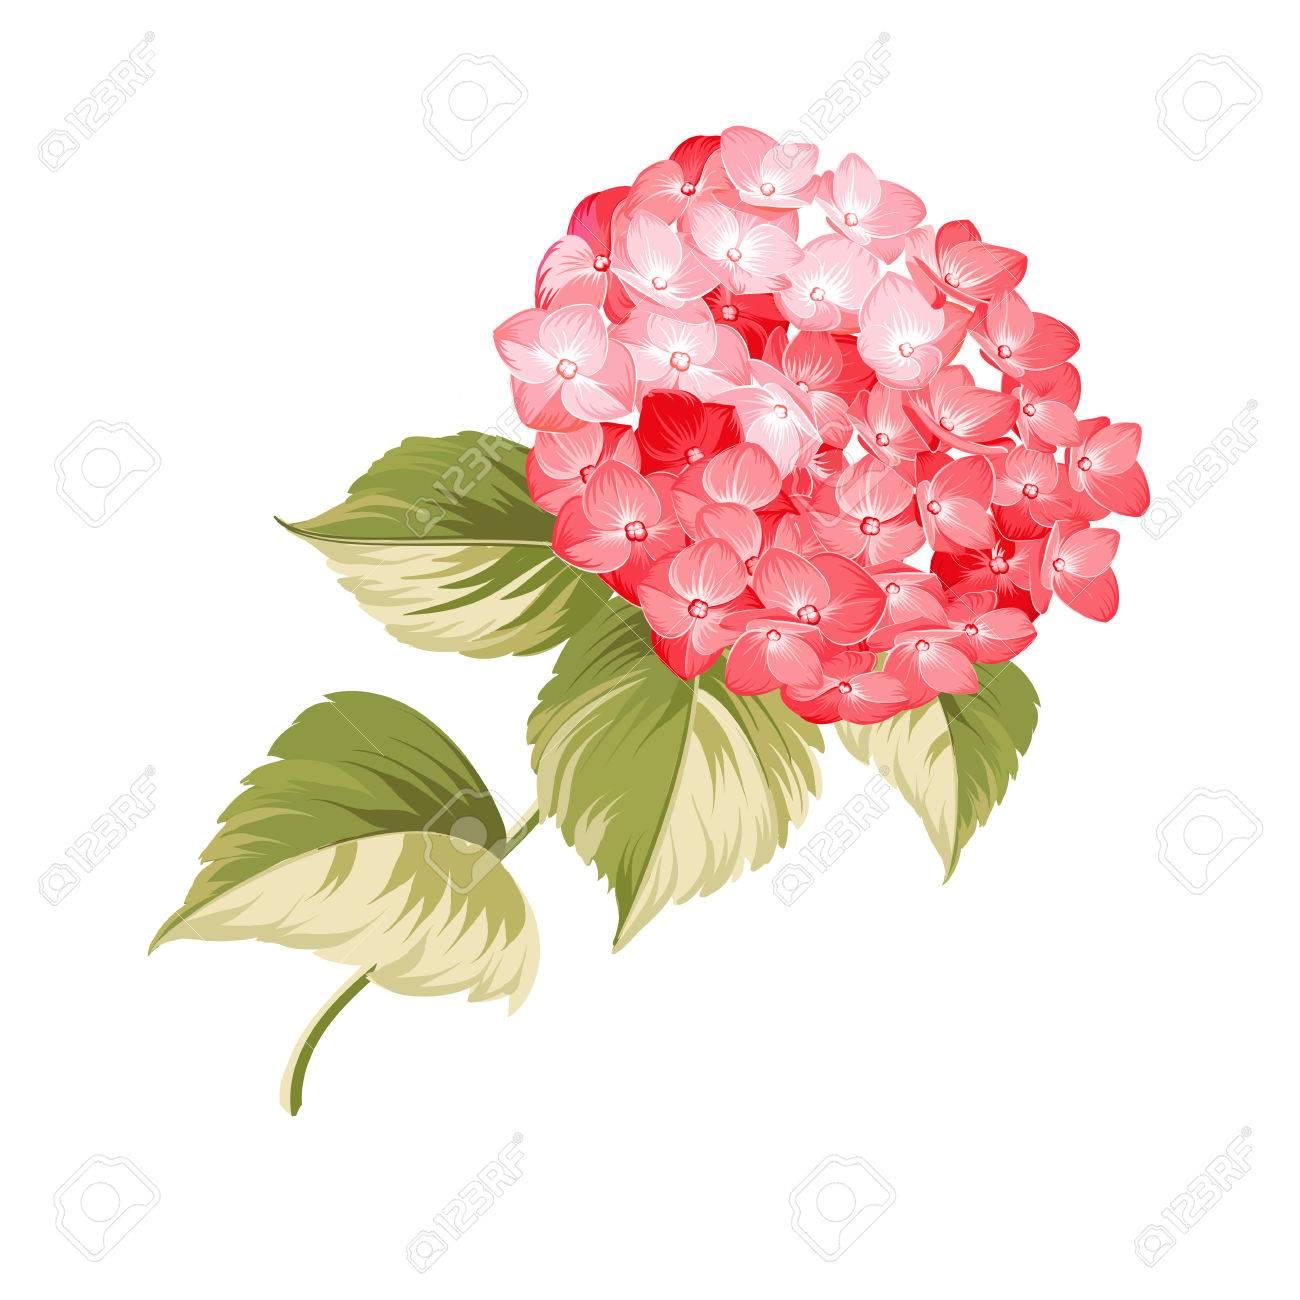 Flor De Hortensia Hortensias Realista Roja Ilustracion De Flores